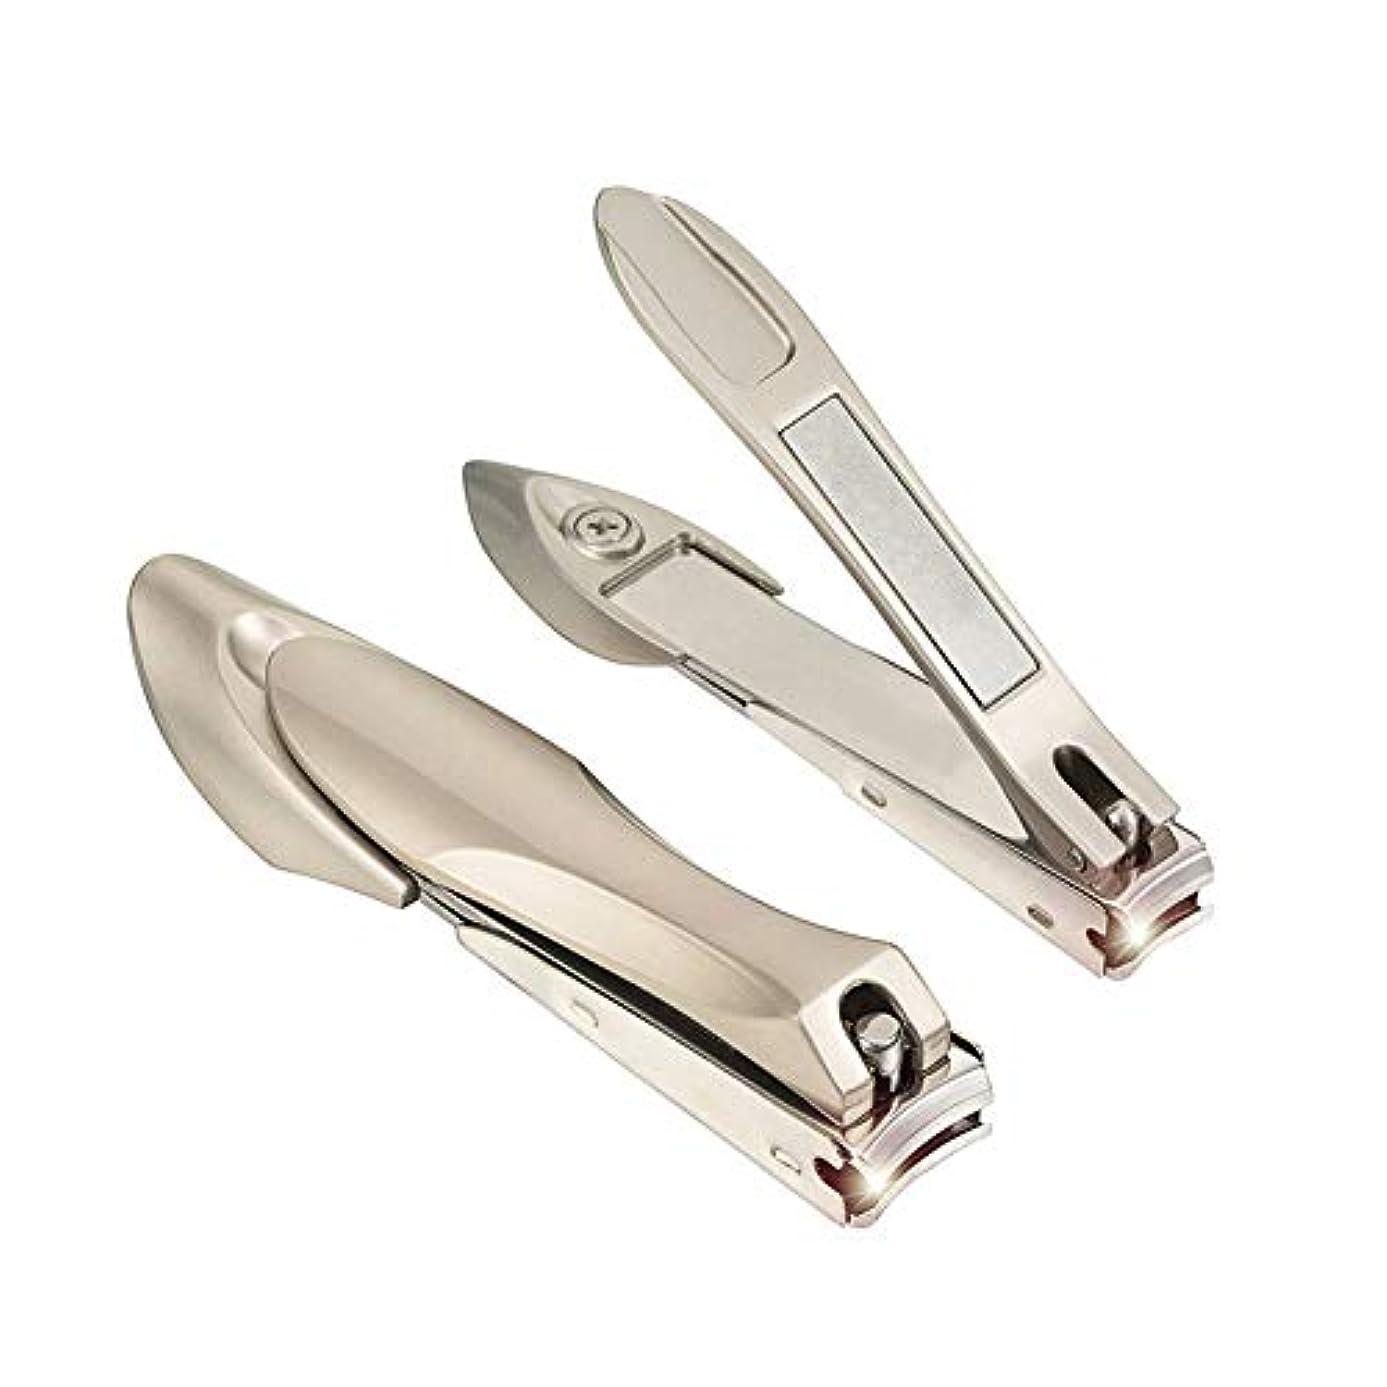 置くためにパックナインへ決めます爪切り と キャッチャー、 プロフェッショナル ステンレス鋼 アンチスプラッシュ 爪 そして 足の爪 クリッパー カッター、 トリマーセット ために 男性 そして 女性たち